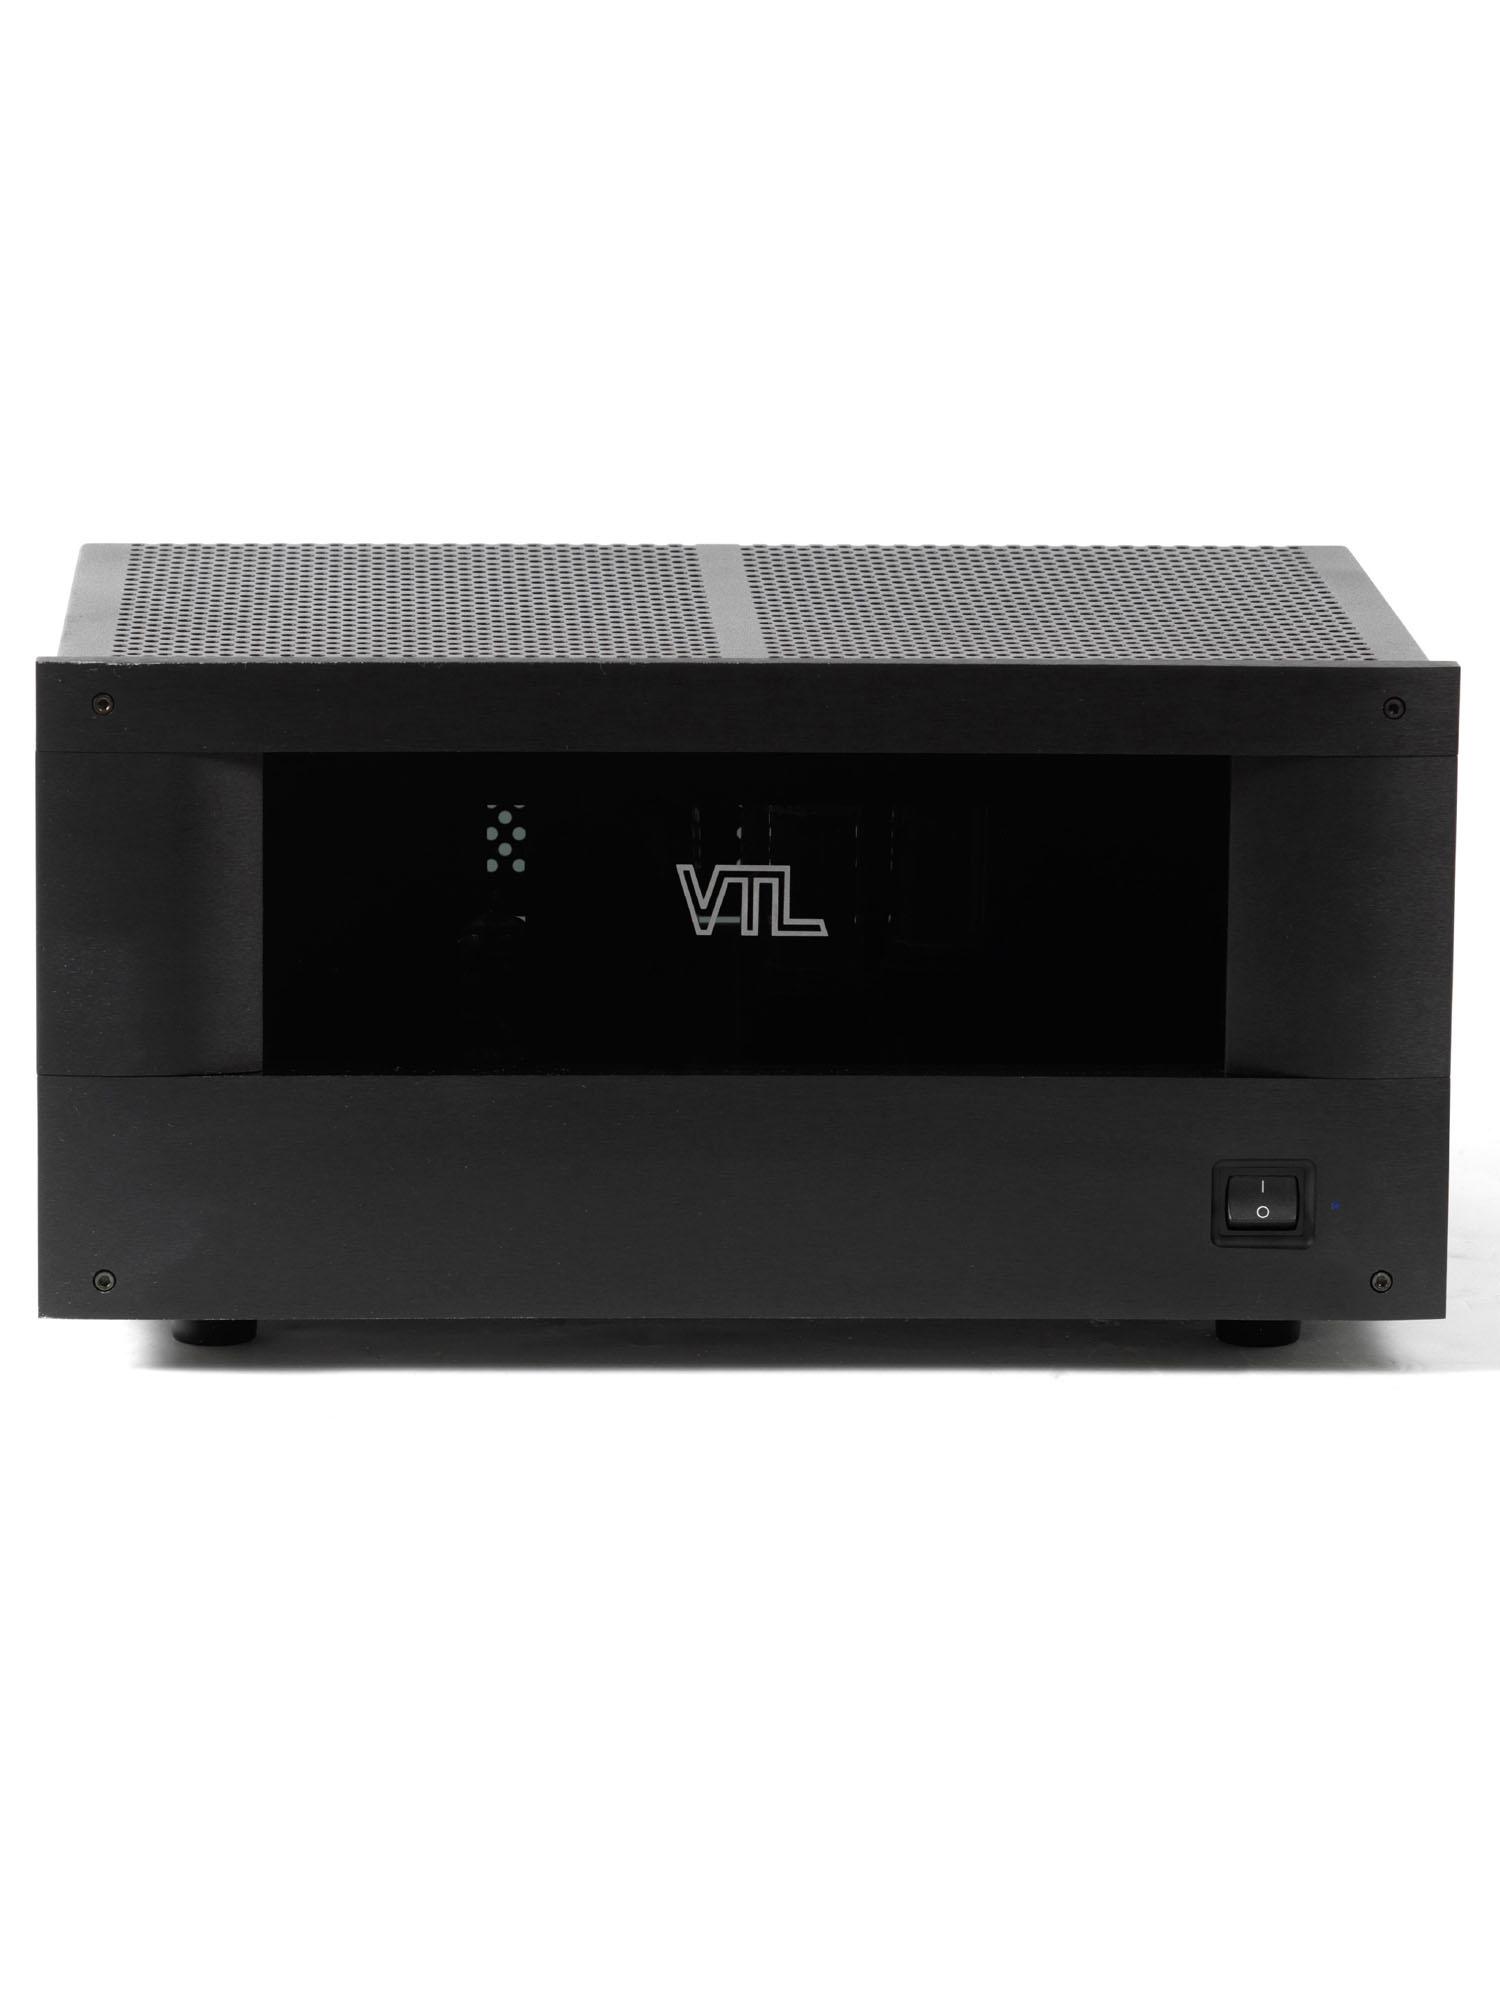 VTL MB-15 Monoblock Power Amplifier